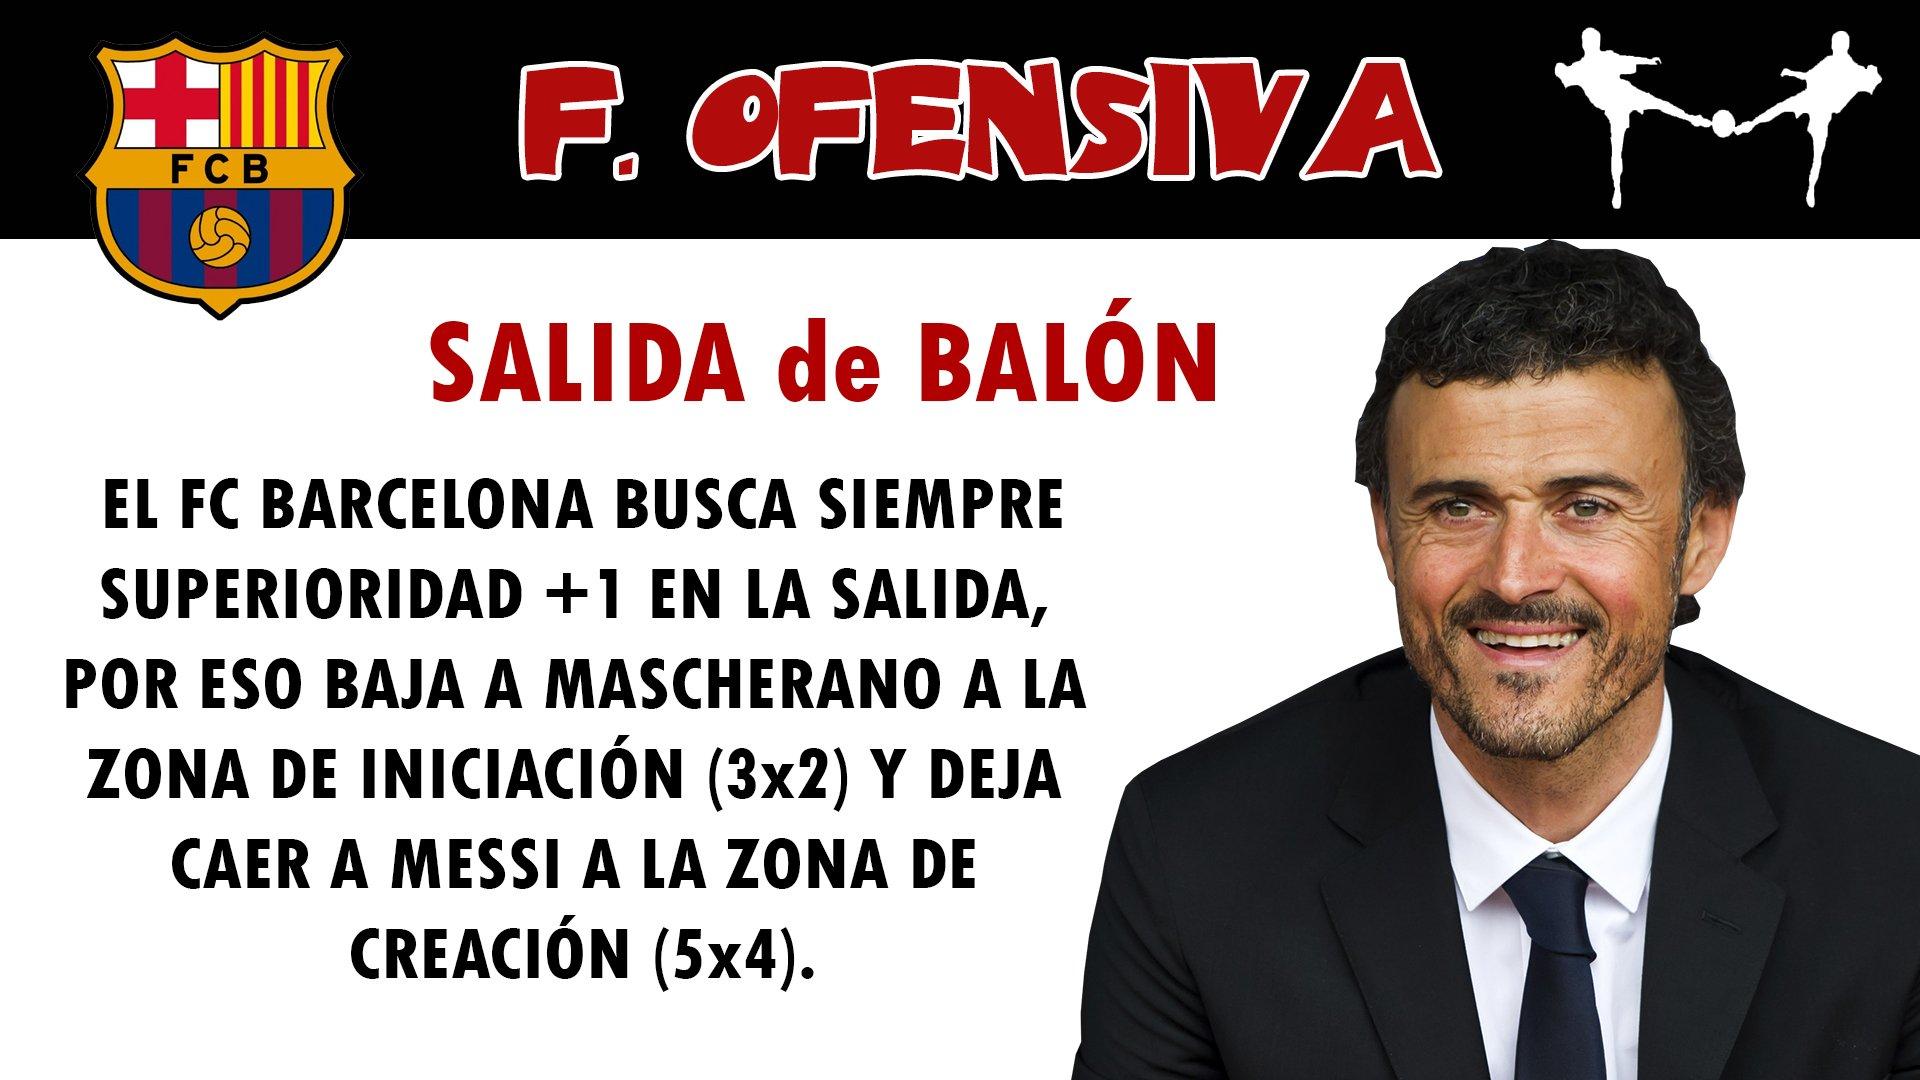 futbolcarrasco fc barcelona luis enrique salida de balon liga españa entrenadores